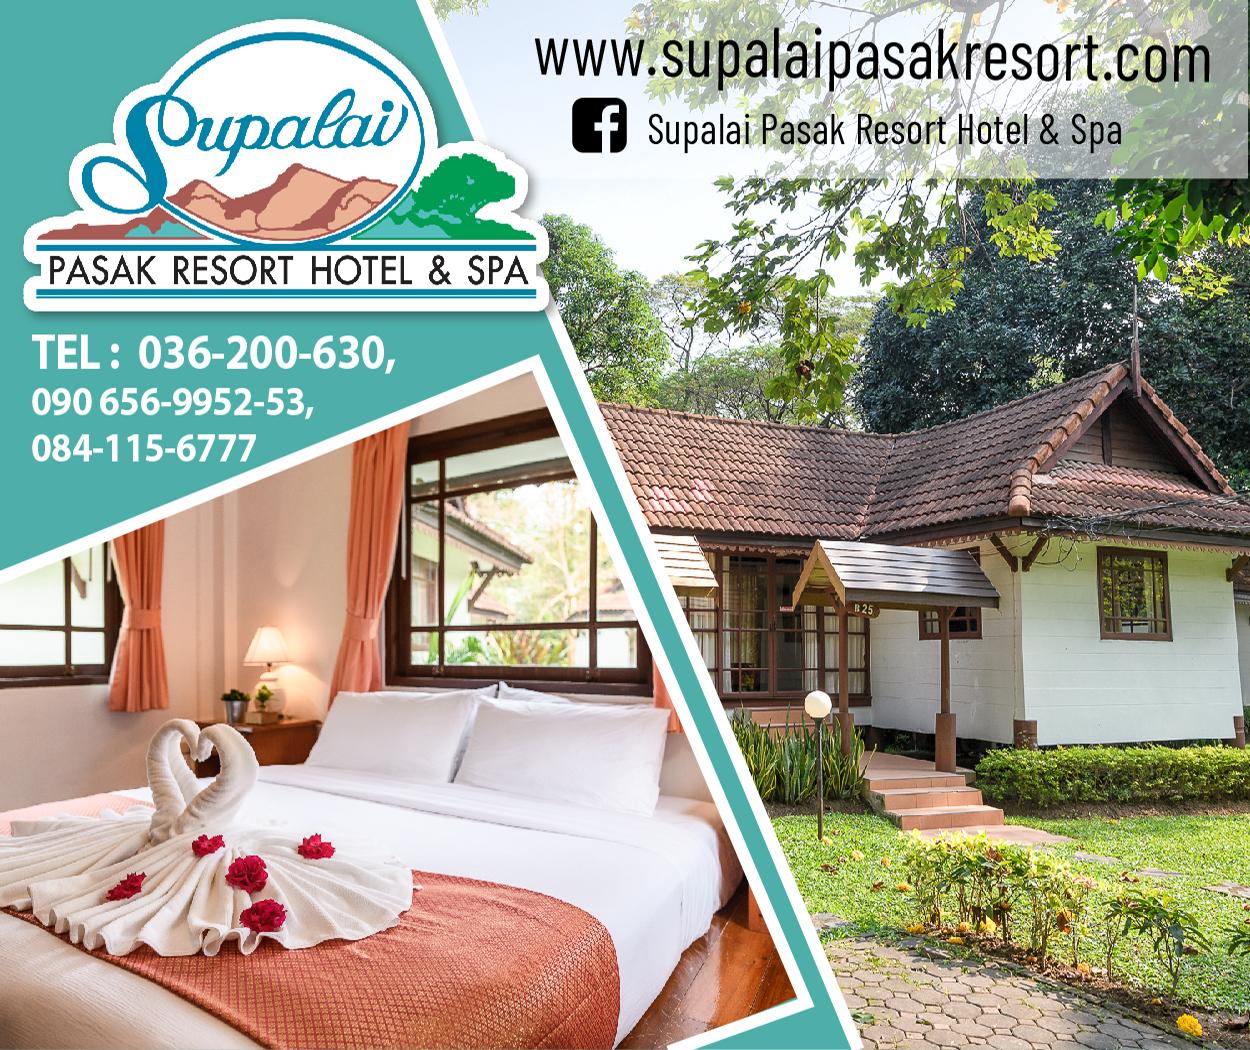 Supalai Pasak Resort